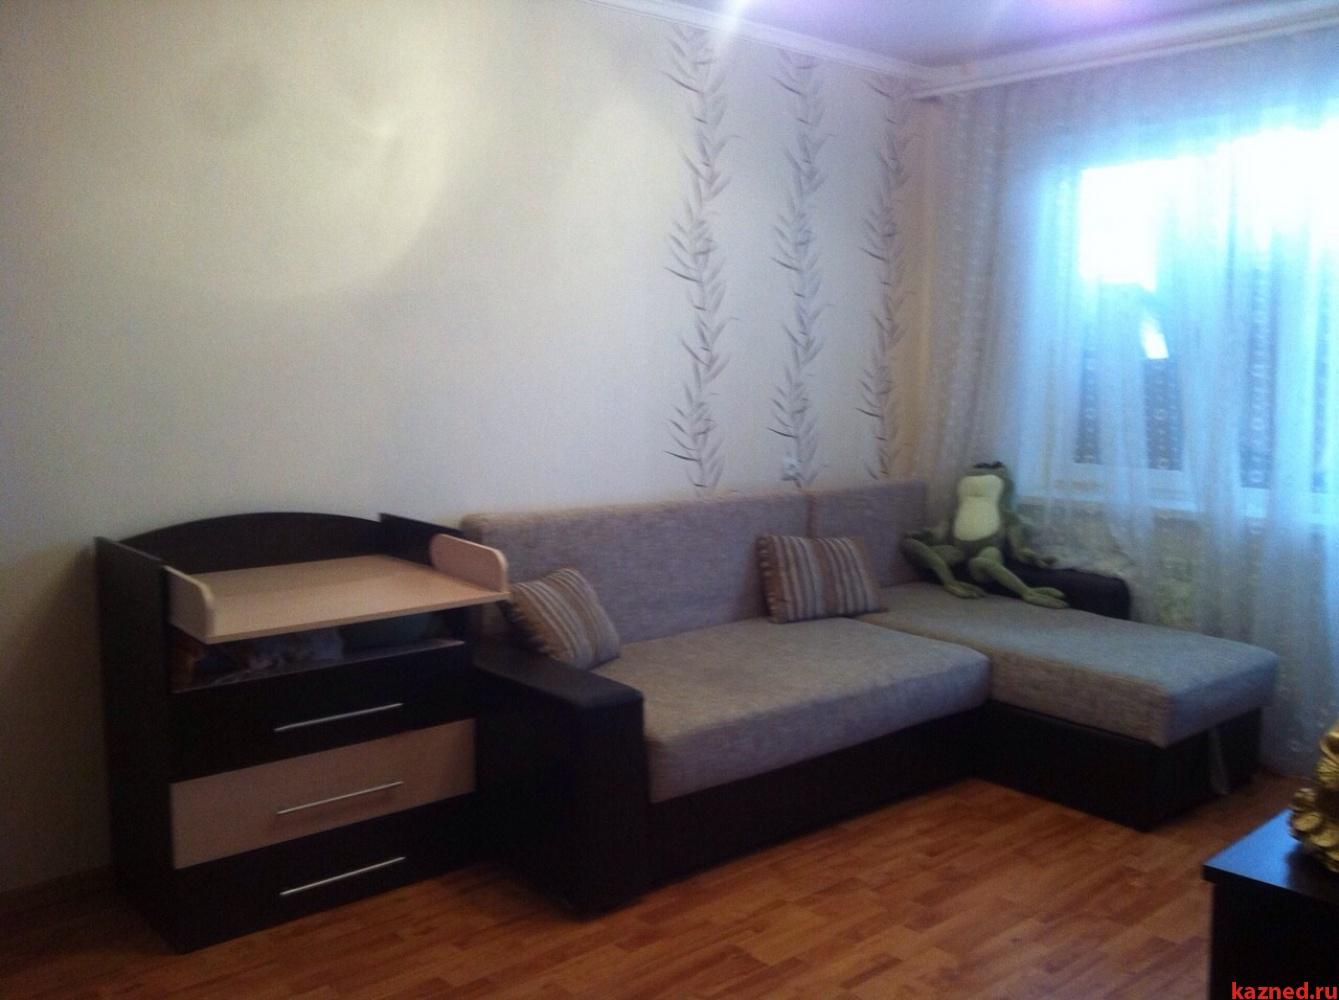 Продажа 1-к квартиры Гаврилова, д. 10, 36 м2  (миниатюра №1)